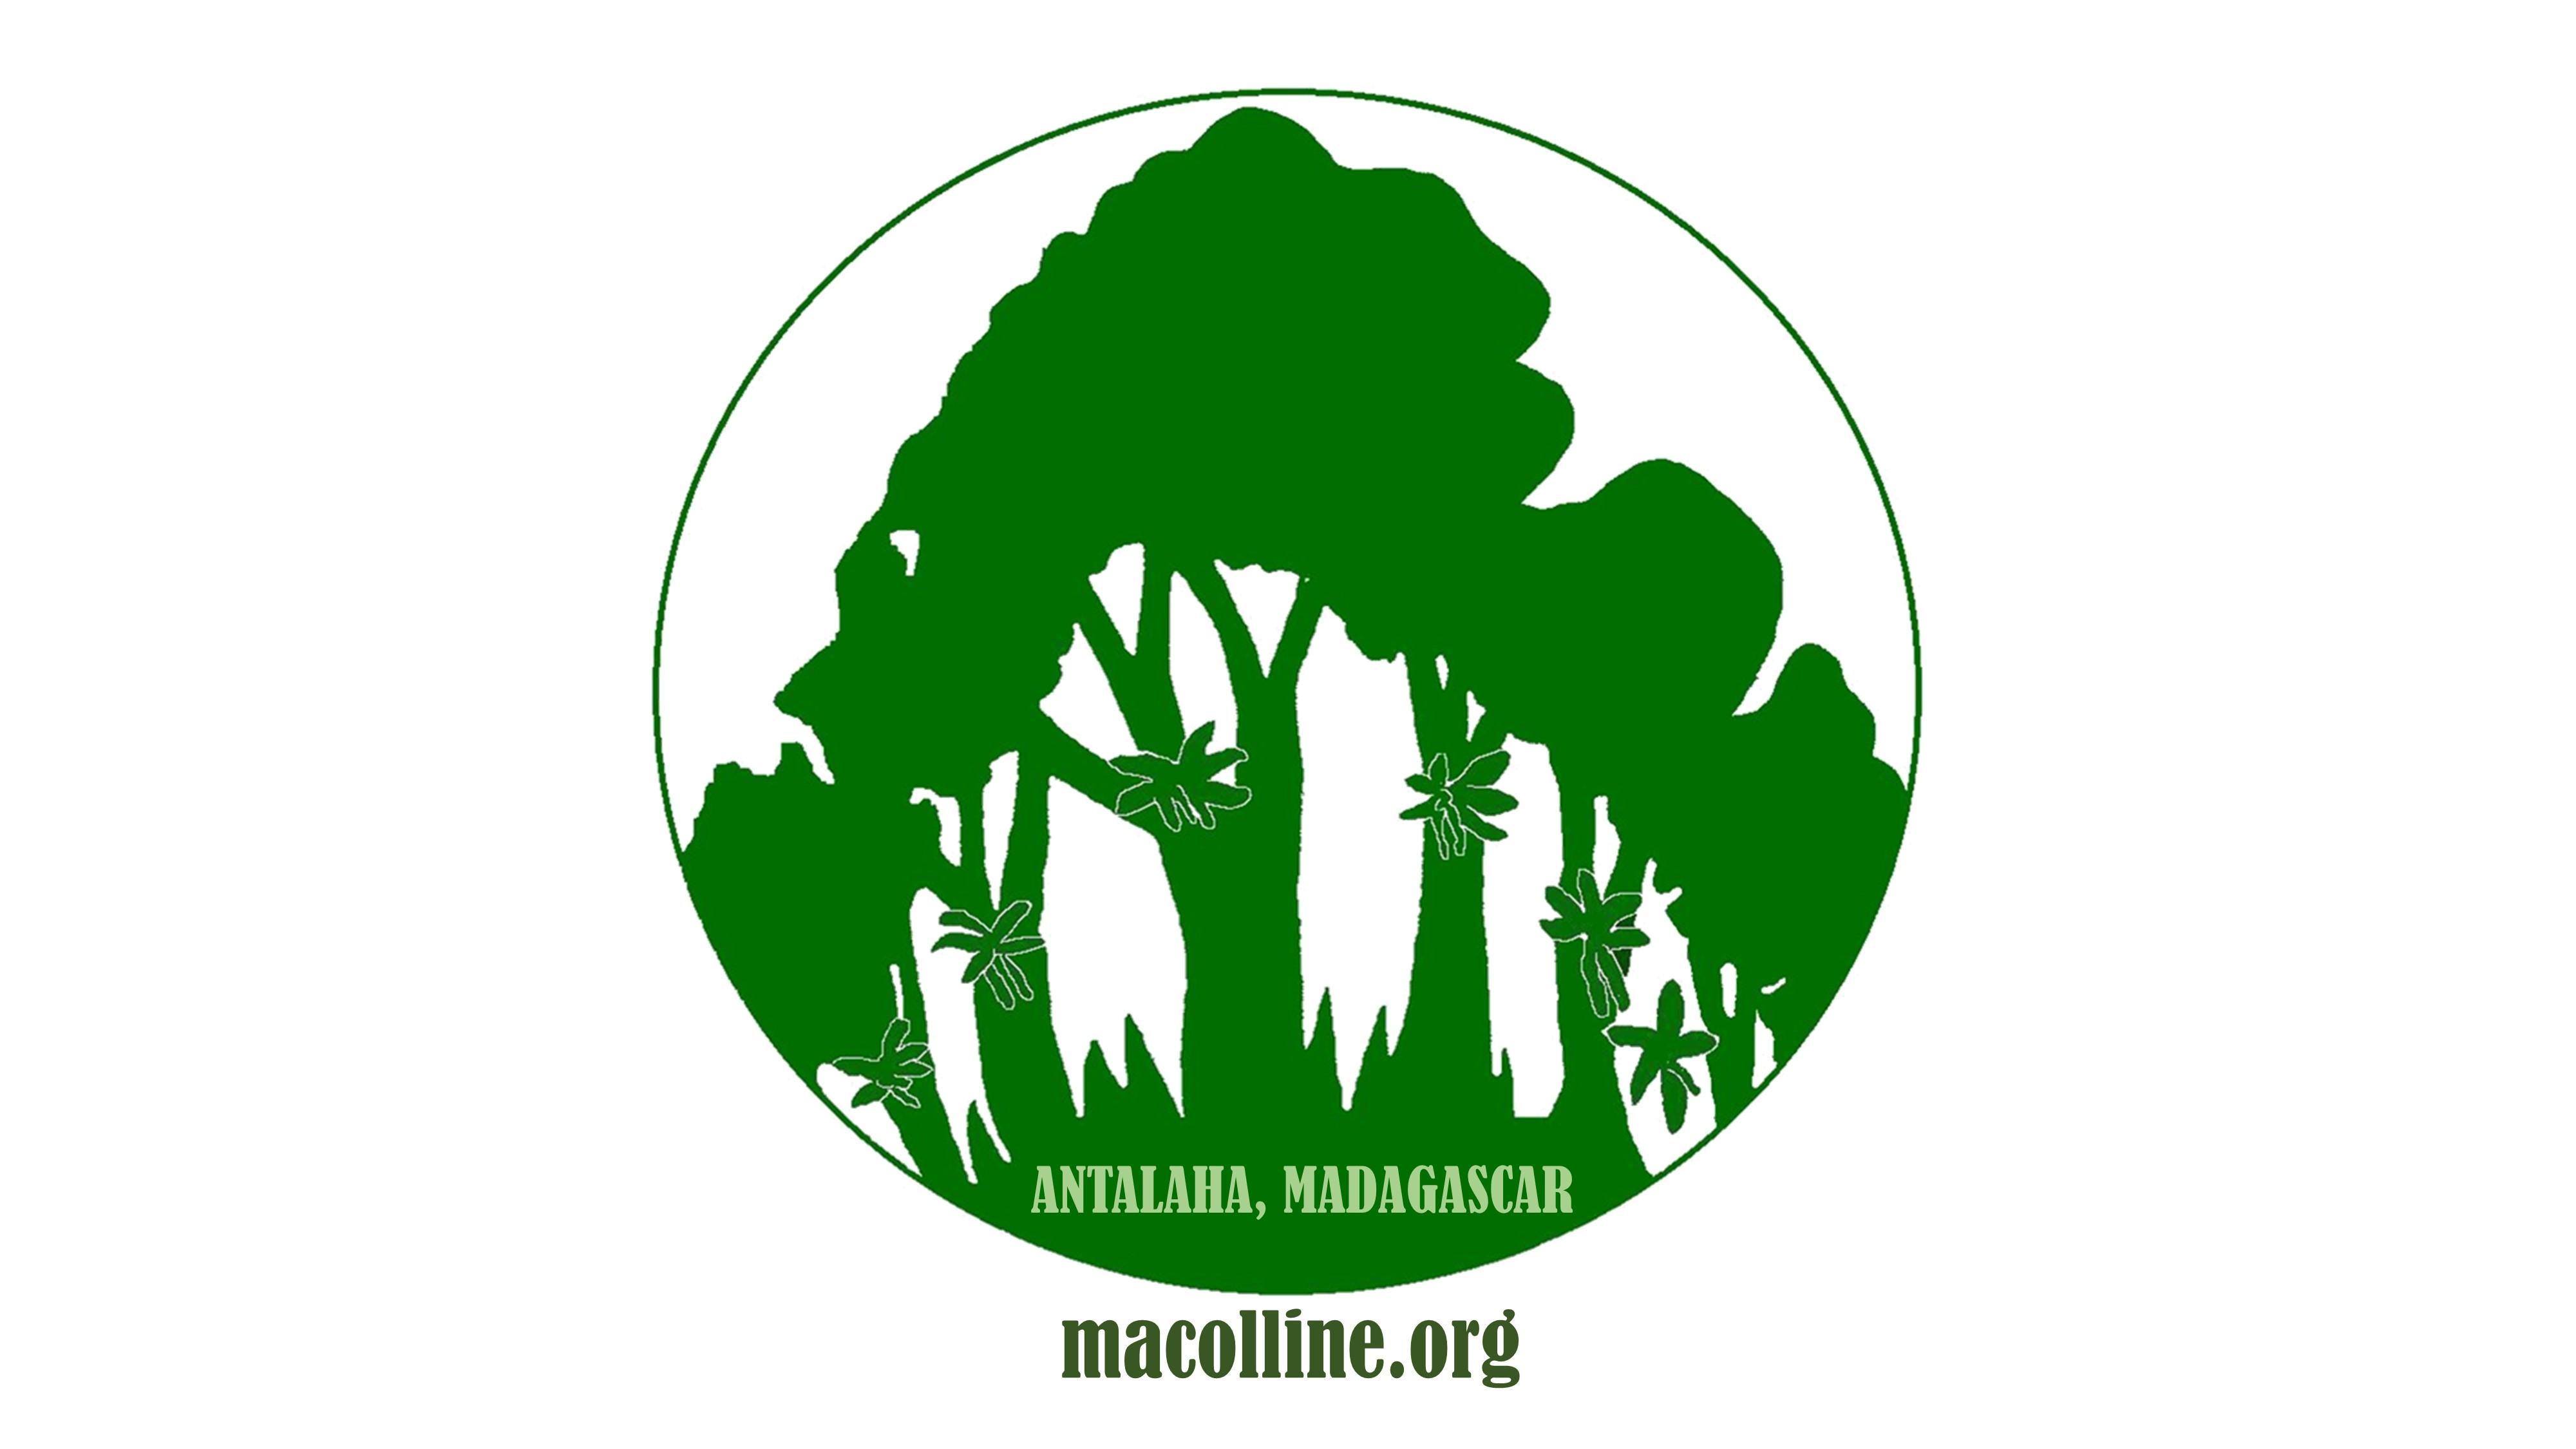 macolline logos website below